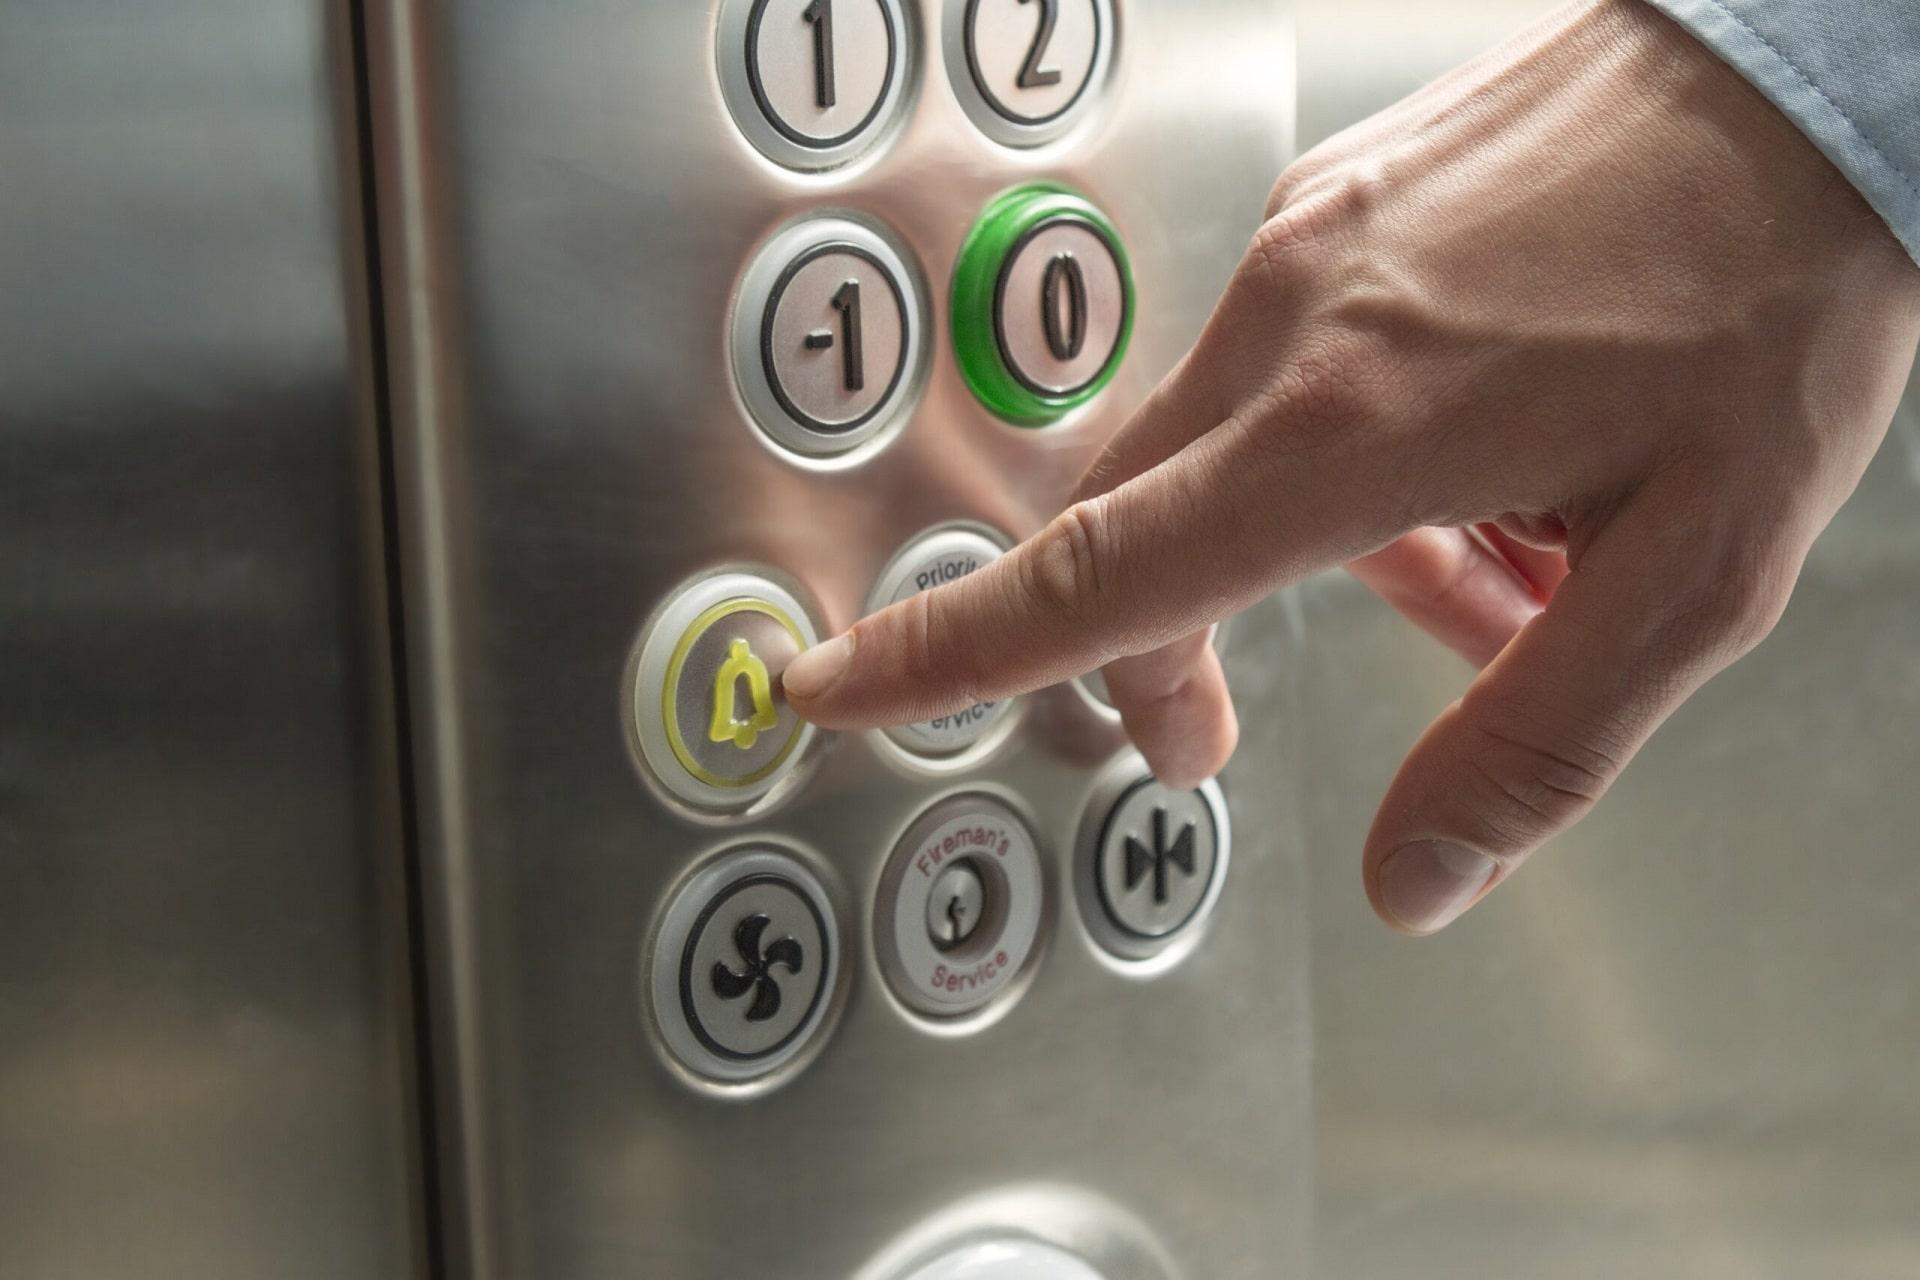 Пожар в лифте, что делать?